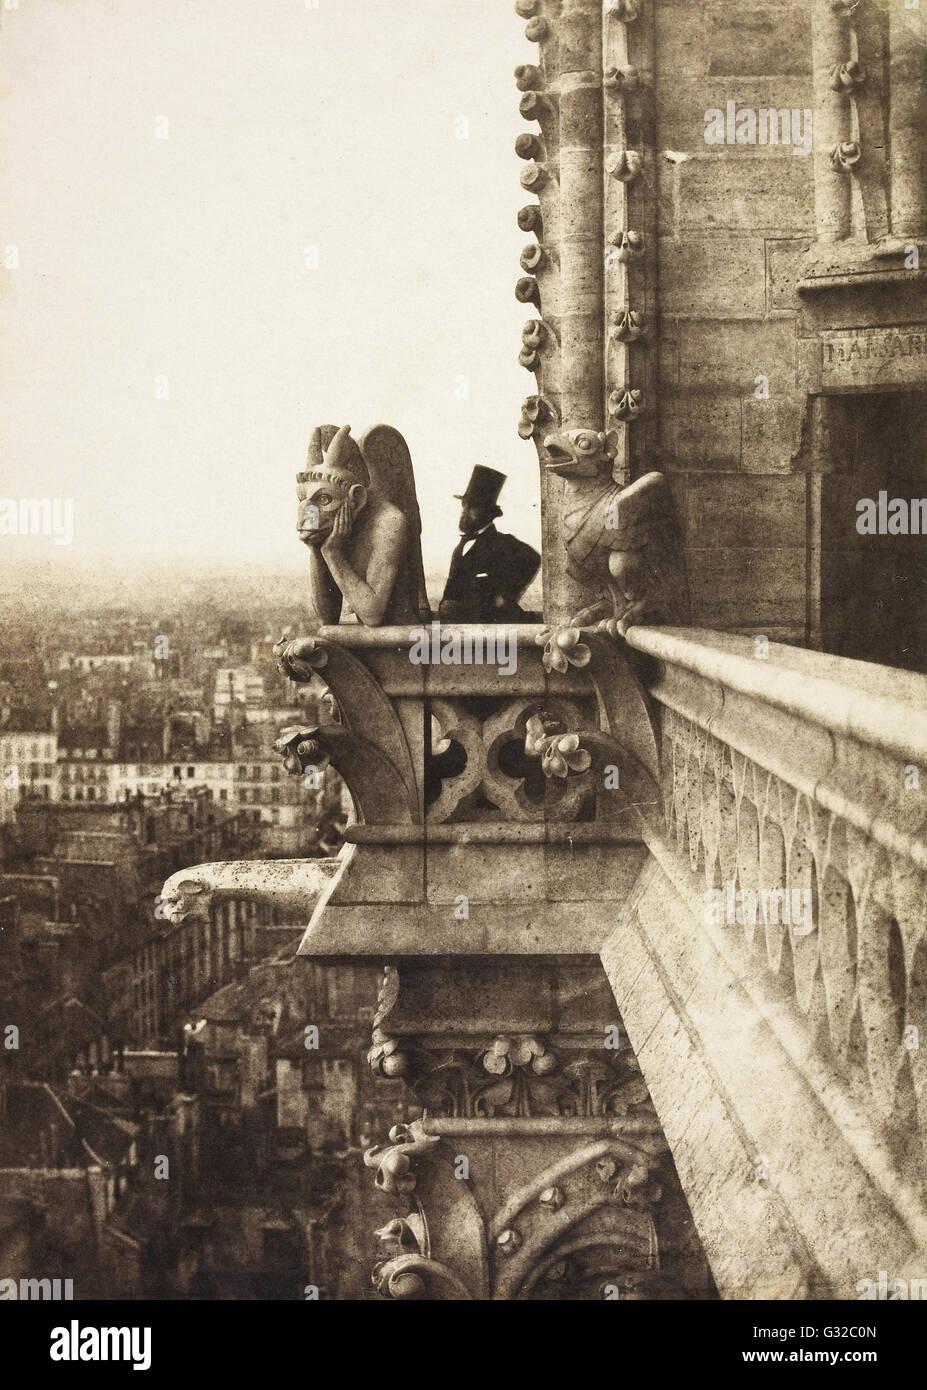 Charles Nègre - Le Vampire - Musée d'Orsay, Paris Photo Stock